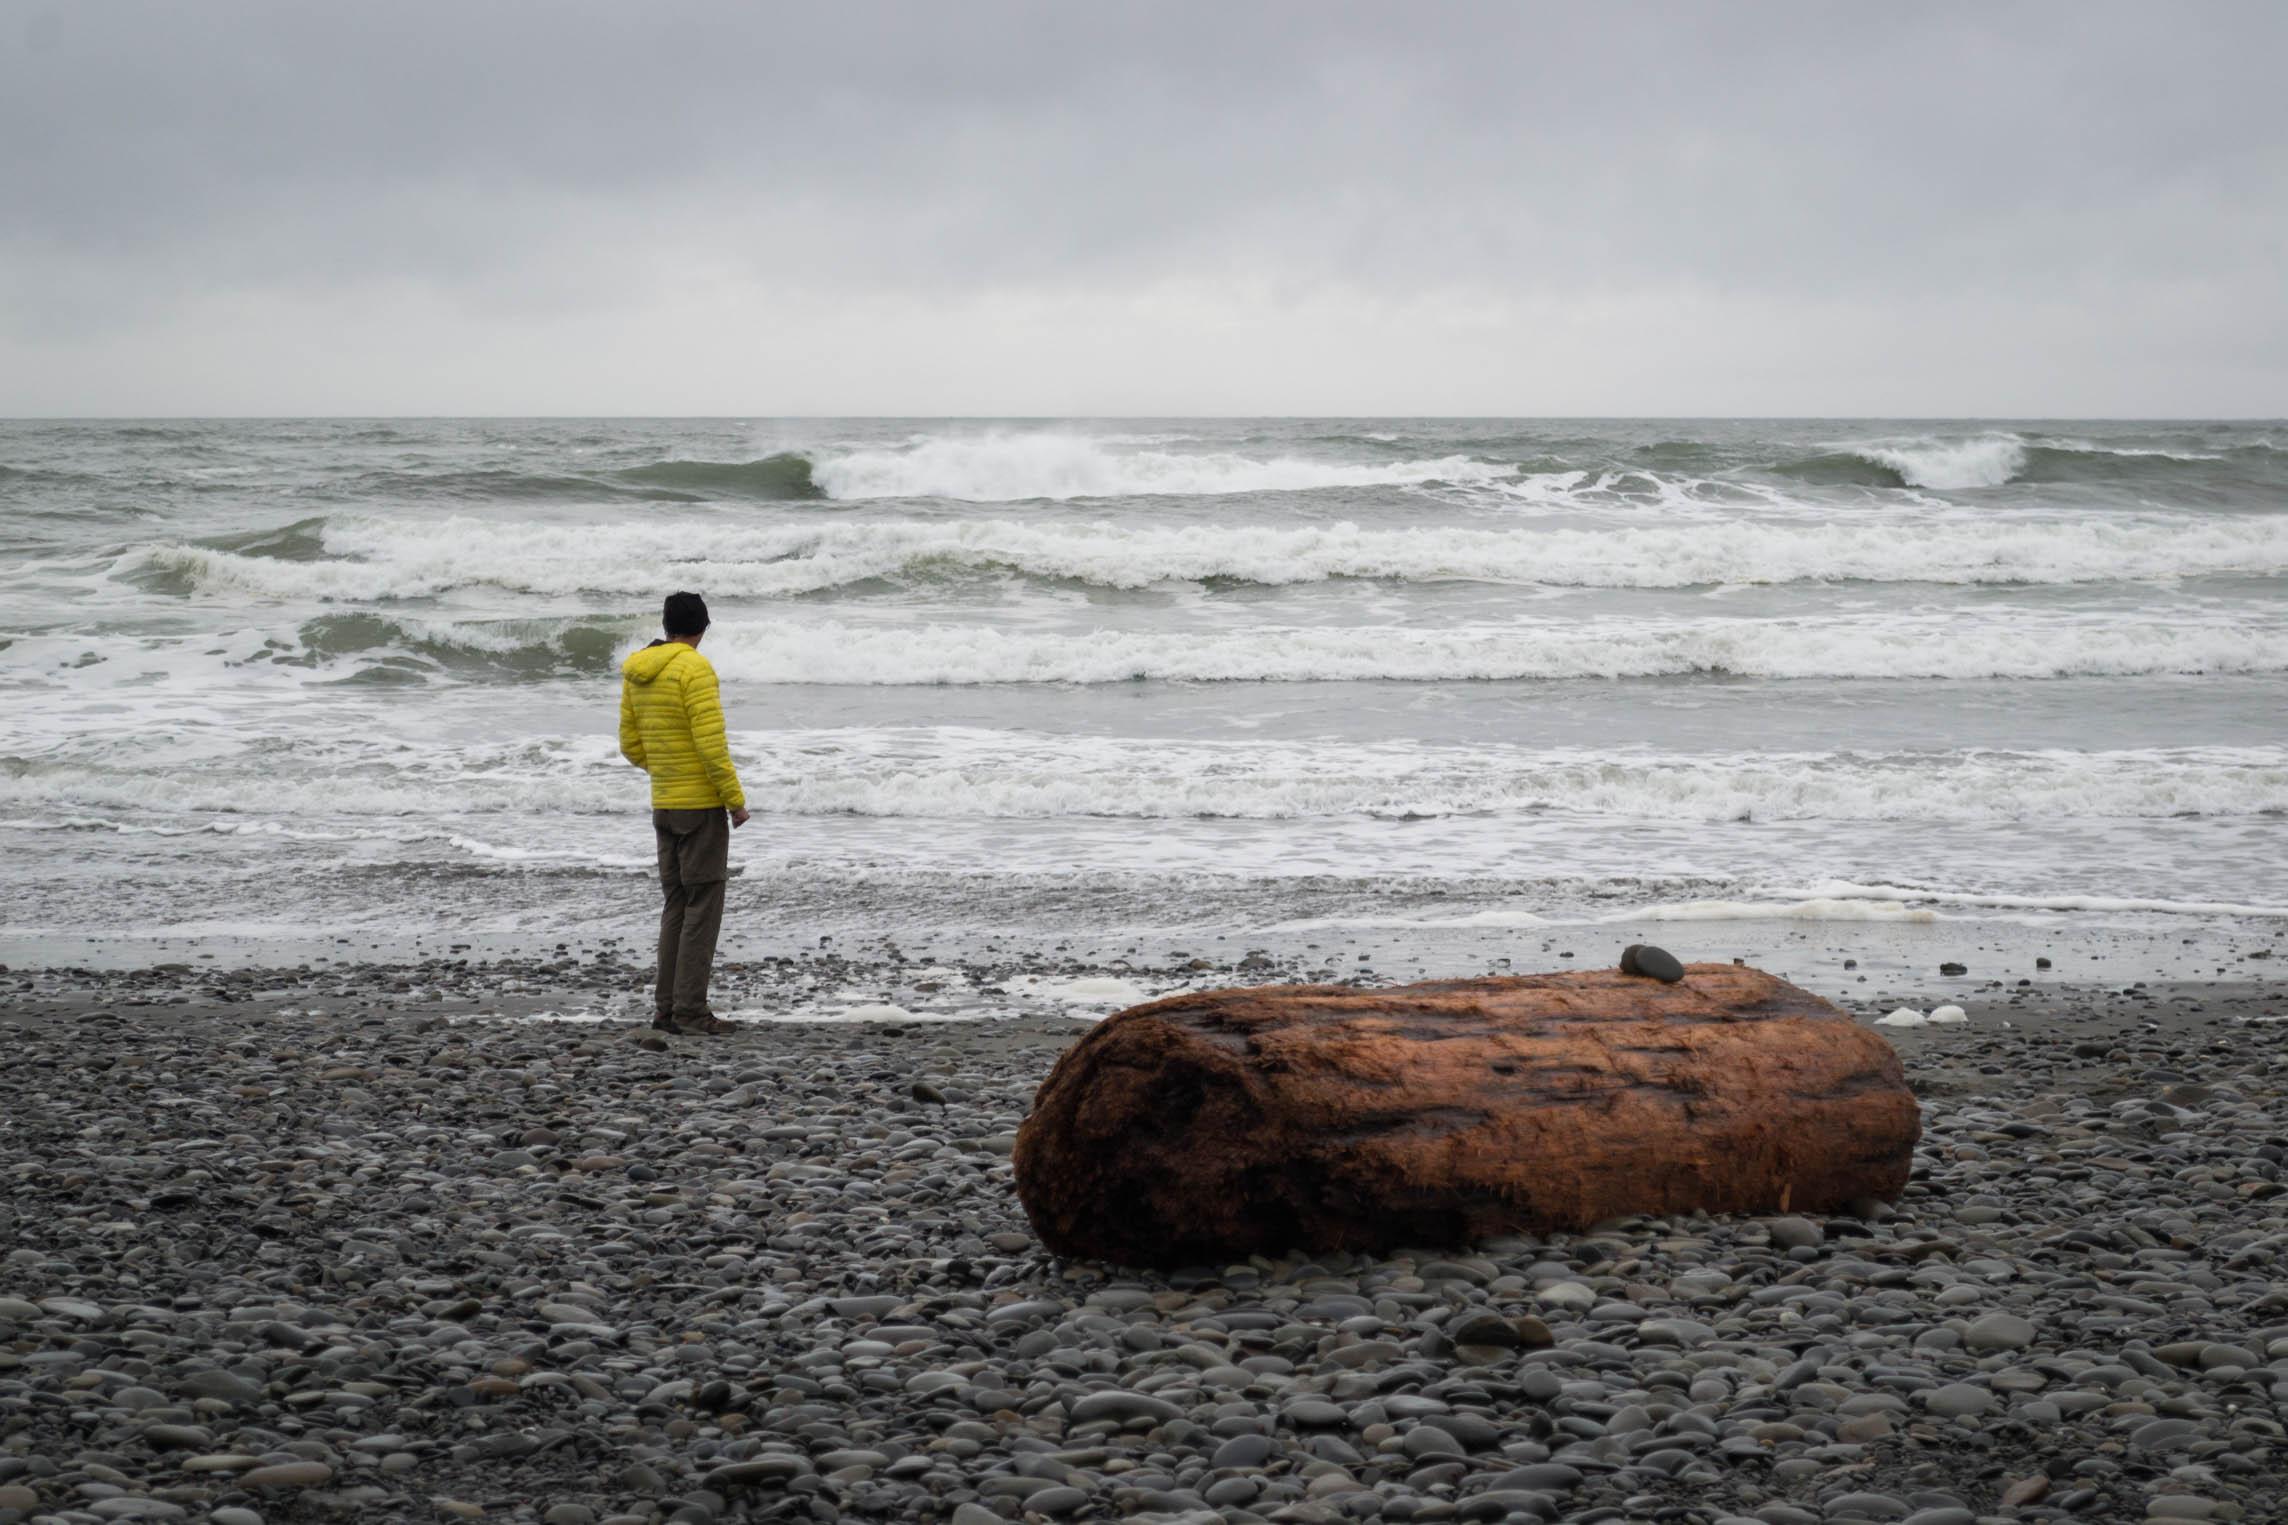 Un rondin s'est échappé de la meute pour mieux voir l'océan